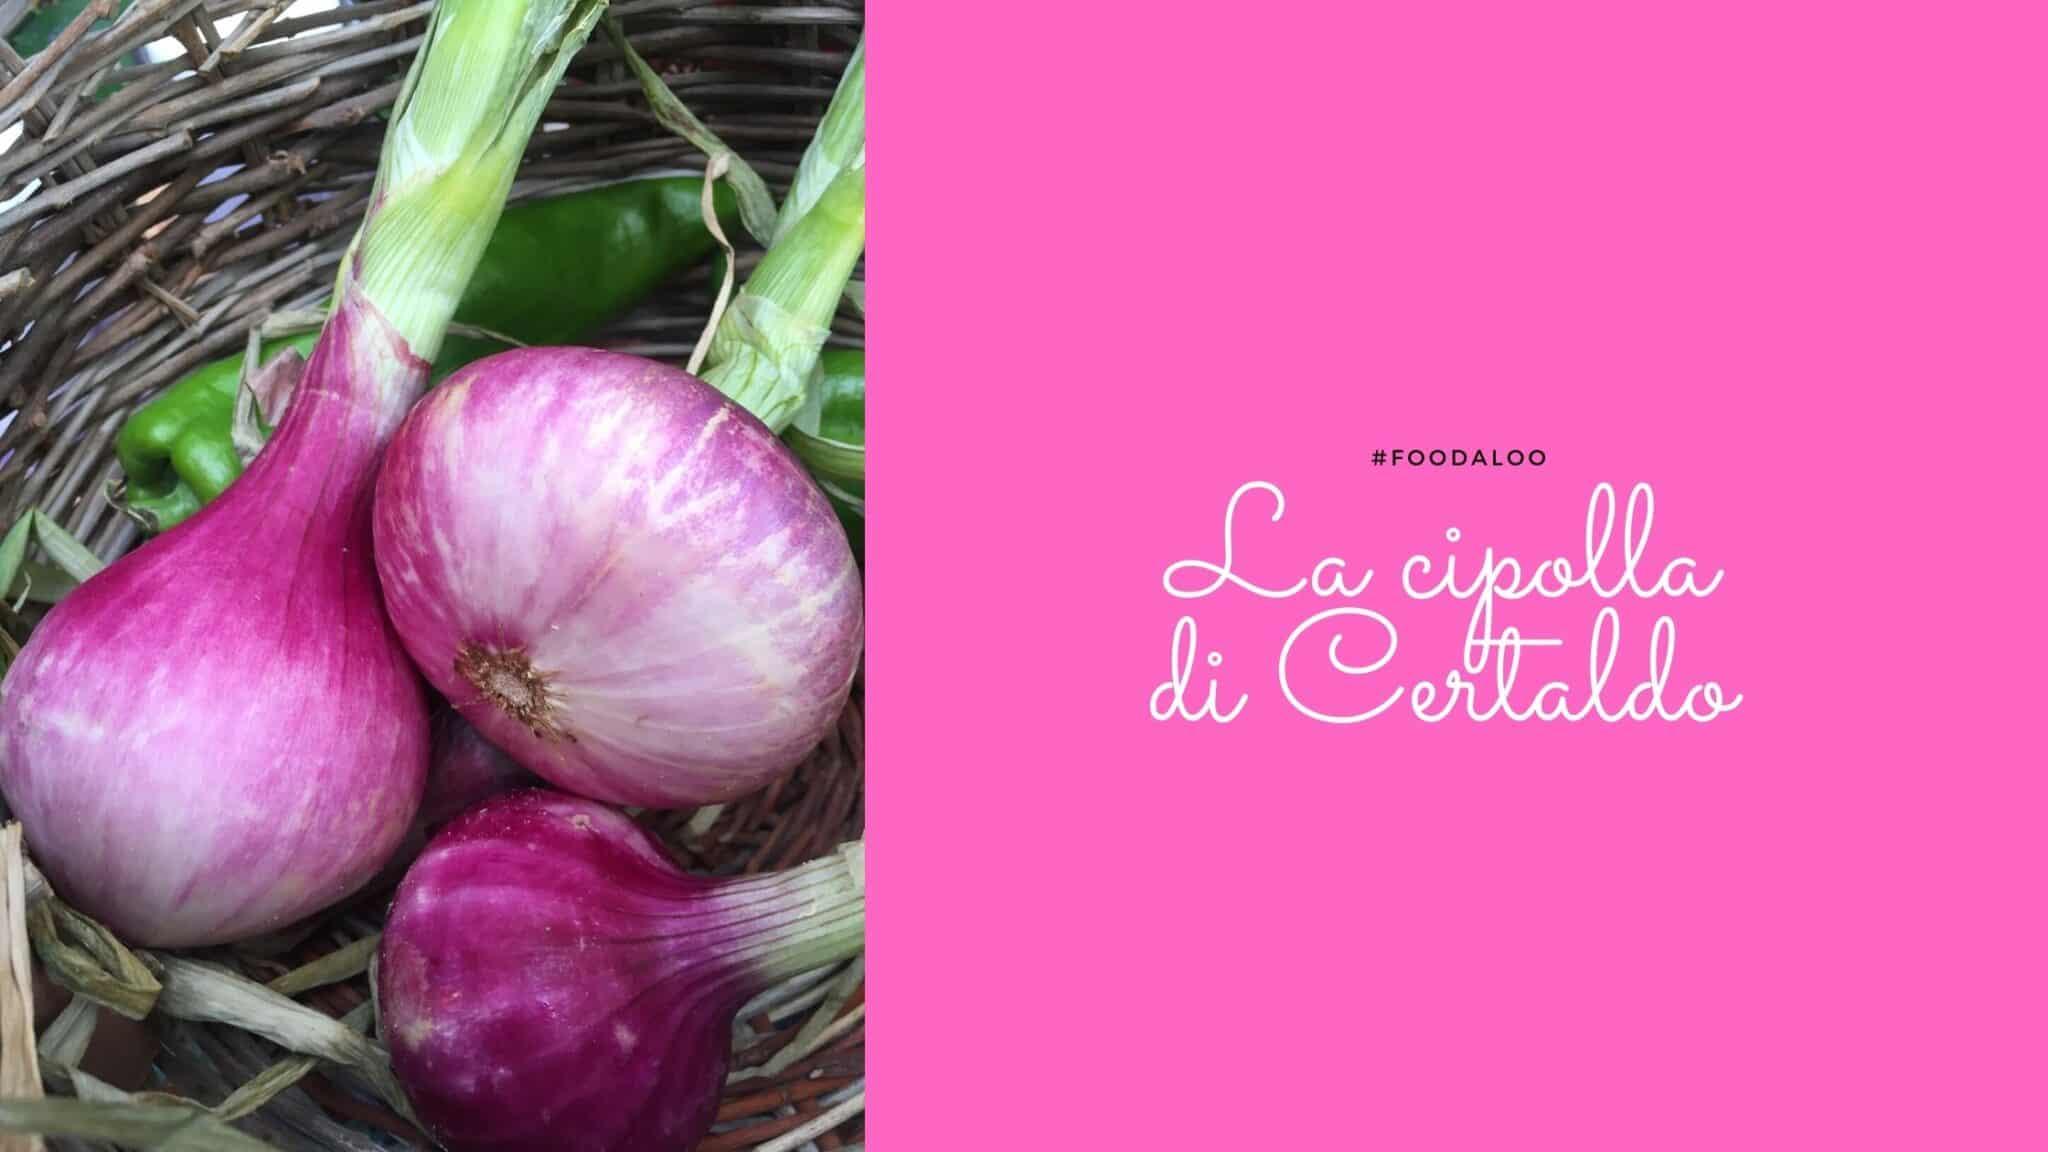 La Cipolla con una lunga storia: la cipolla di Certaldo . Presidio Slow Food